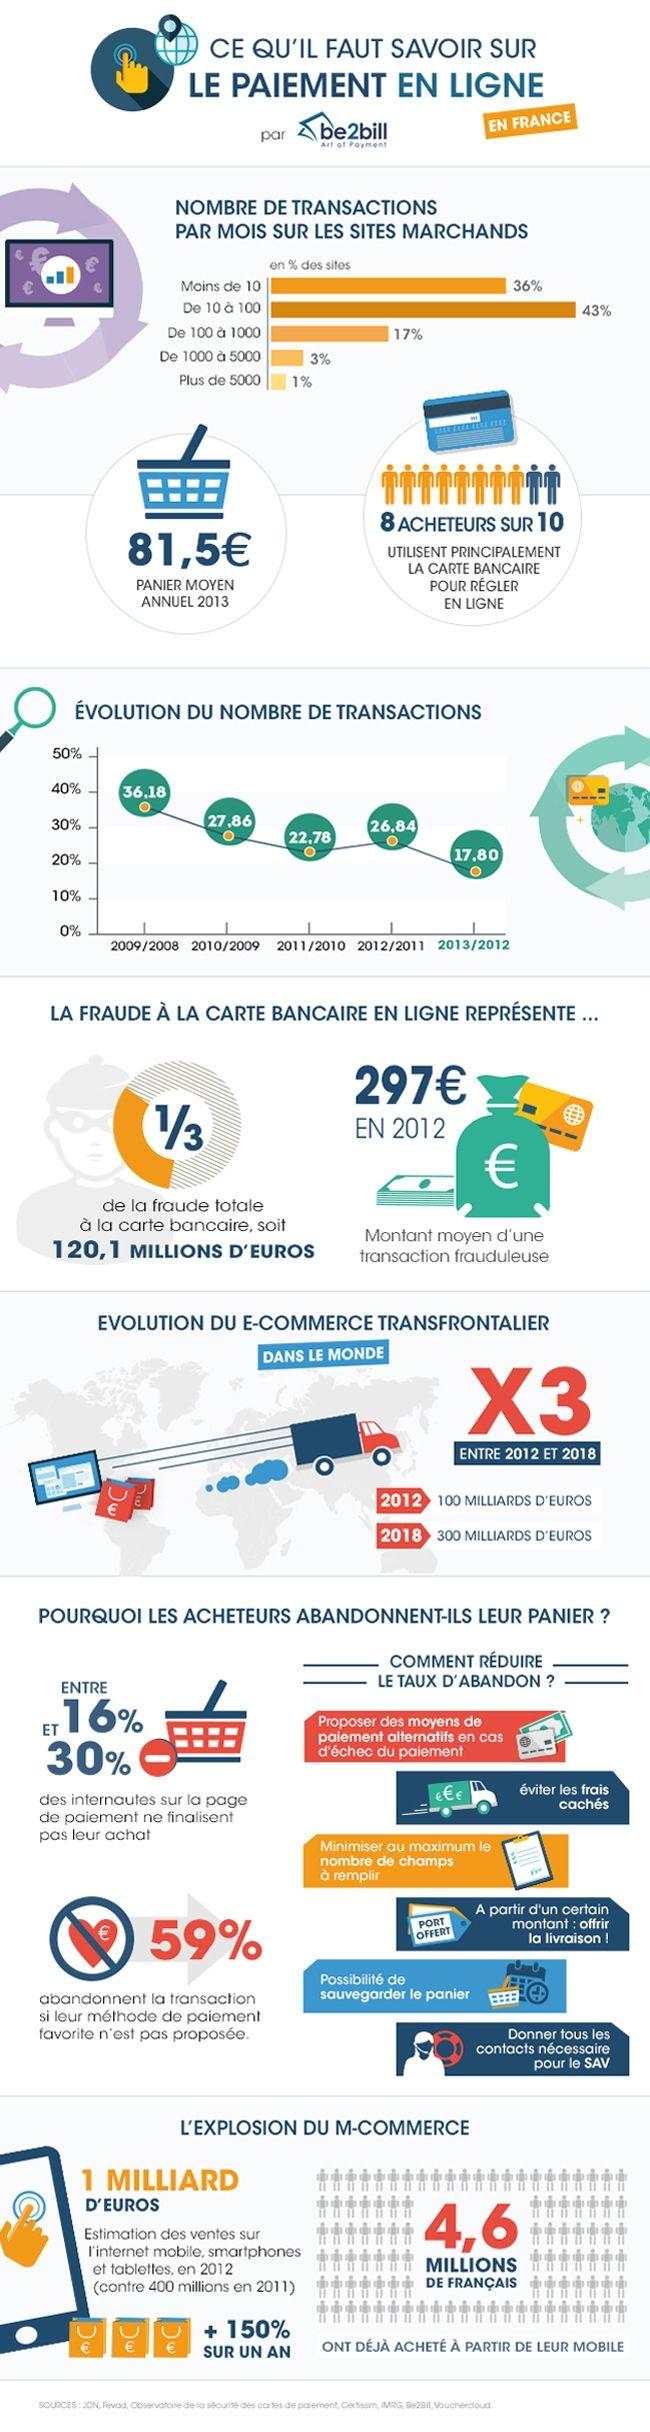 Infographie | Ce qu'il faut savoir sur le paiement en ligne